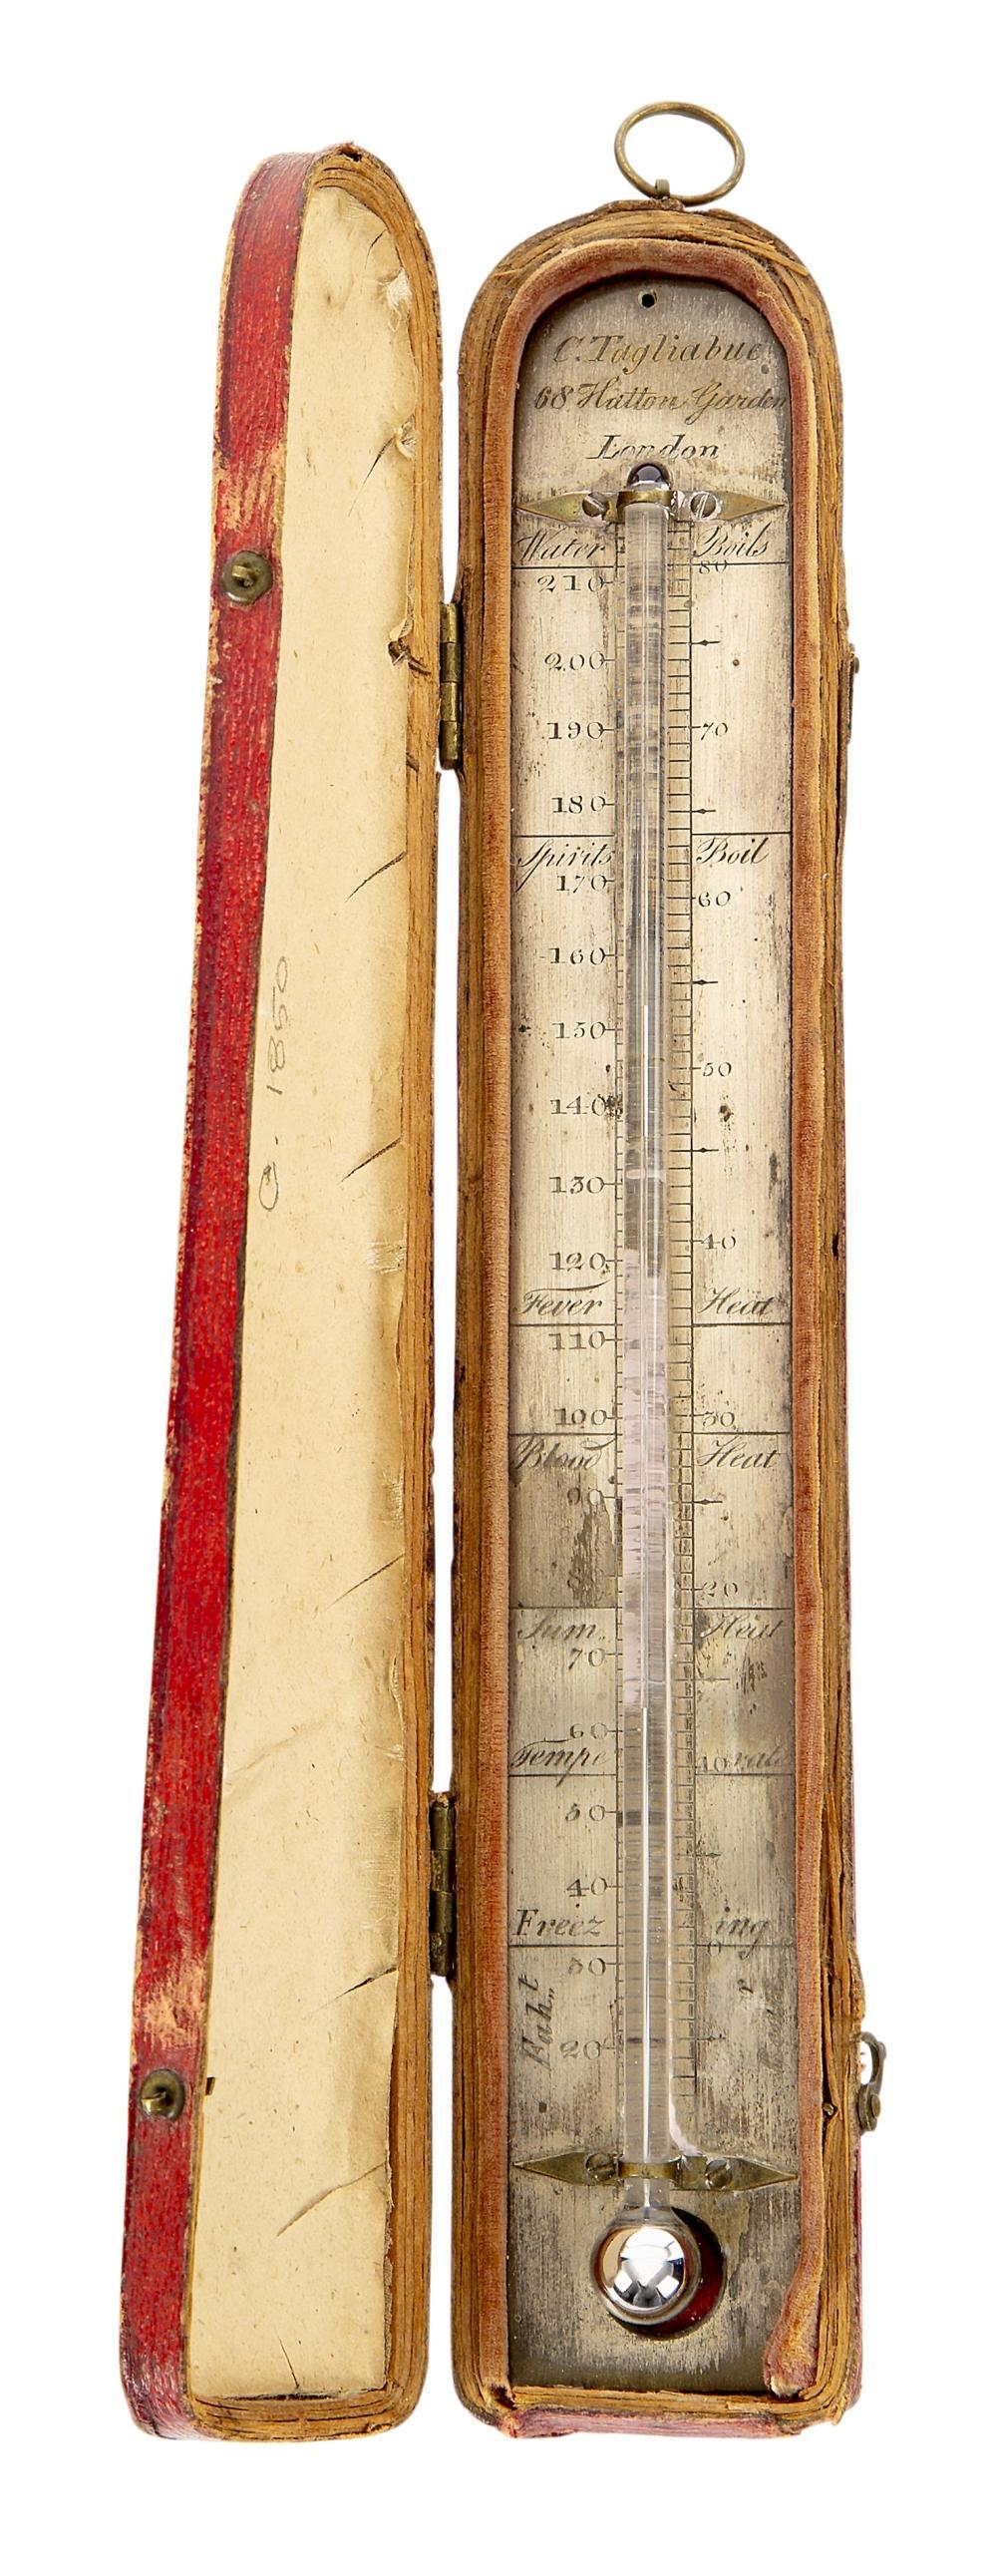 A RARE PORTABLE THERMOMETER BY C. TAGLIABUE, LONDON, CIRCA 1820